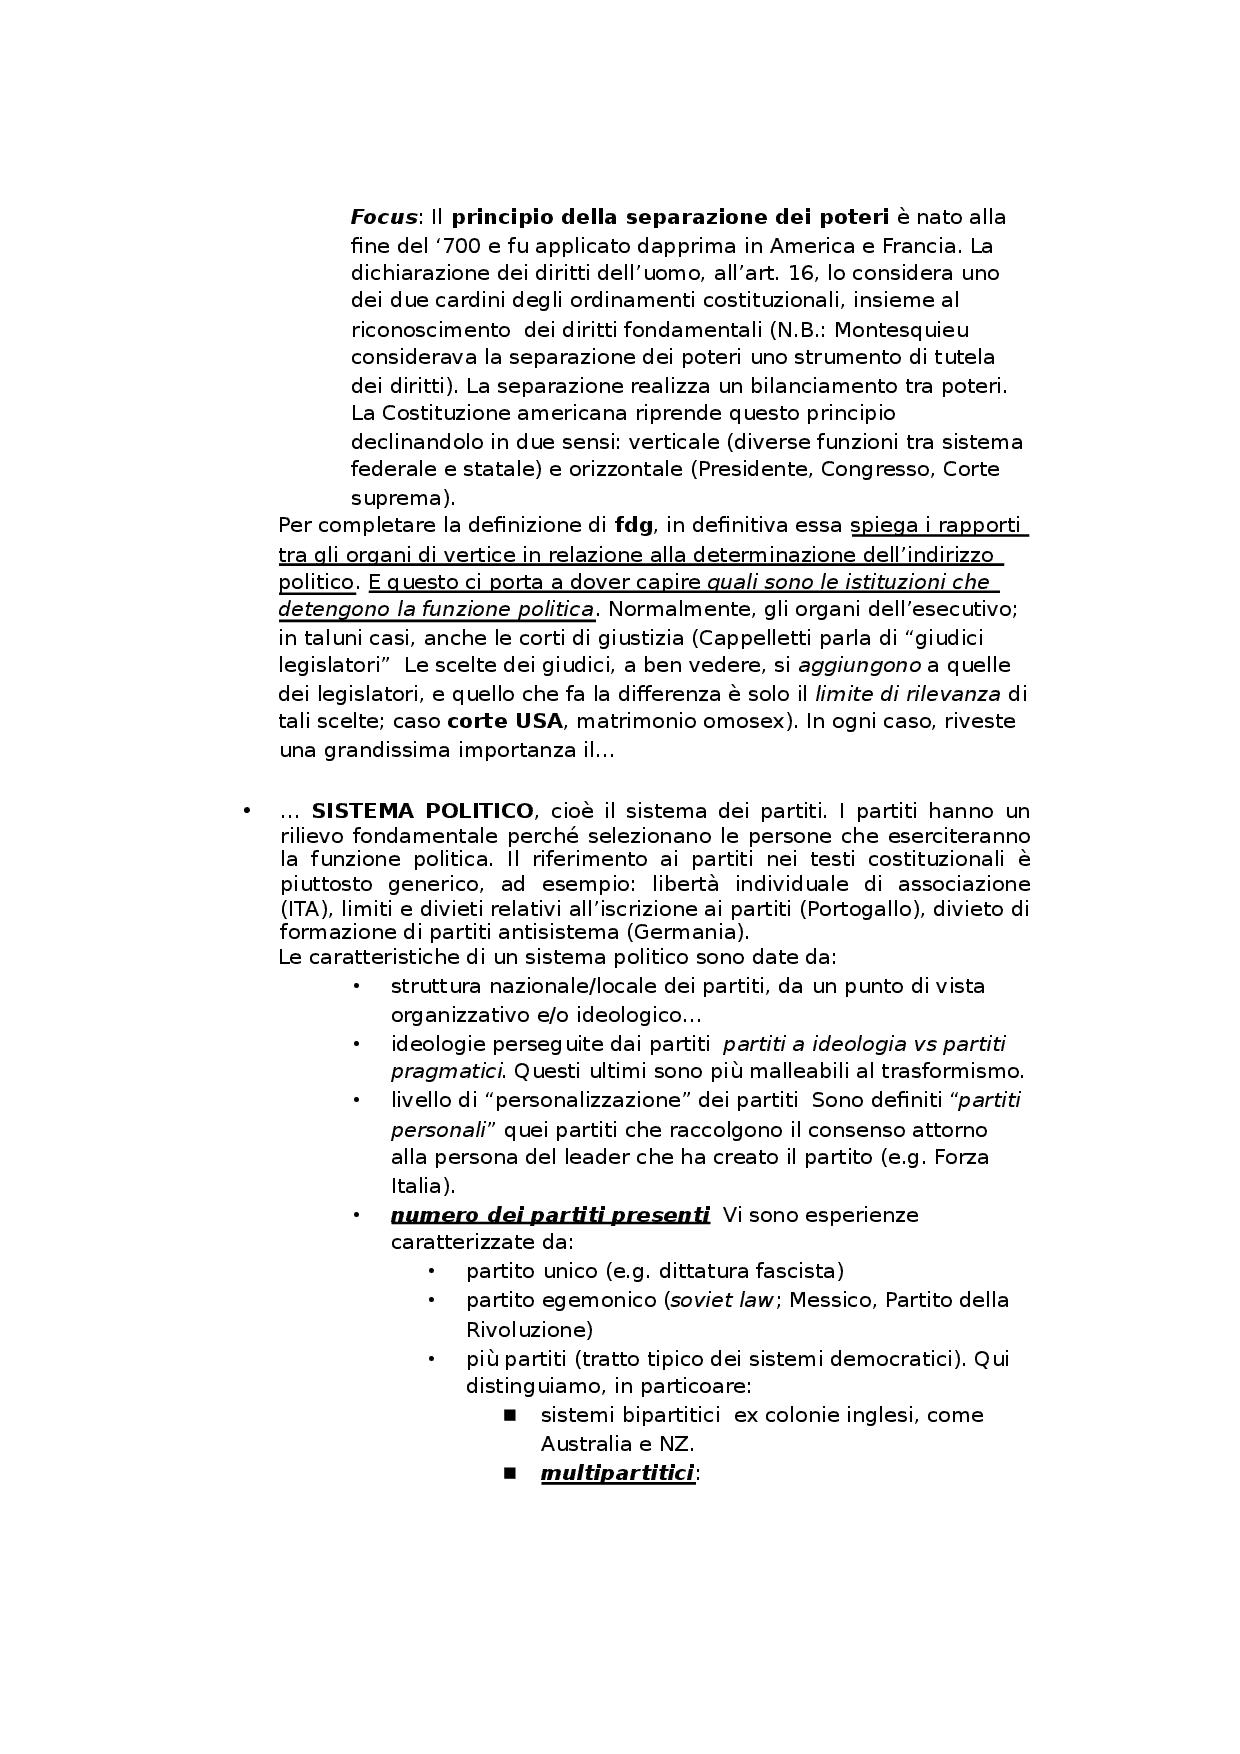 Teoria Generale Delle Forme Di Governo (Diritto Pubblico tout Docsity